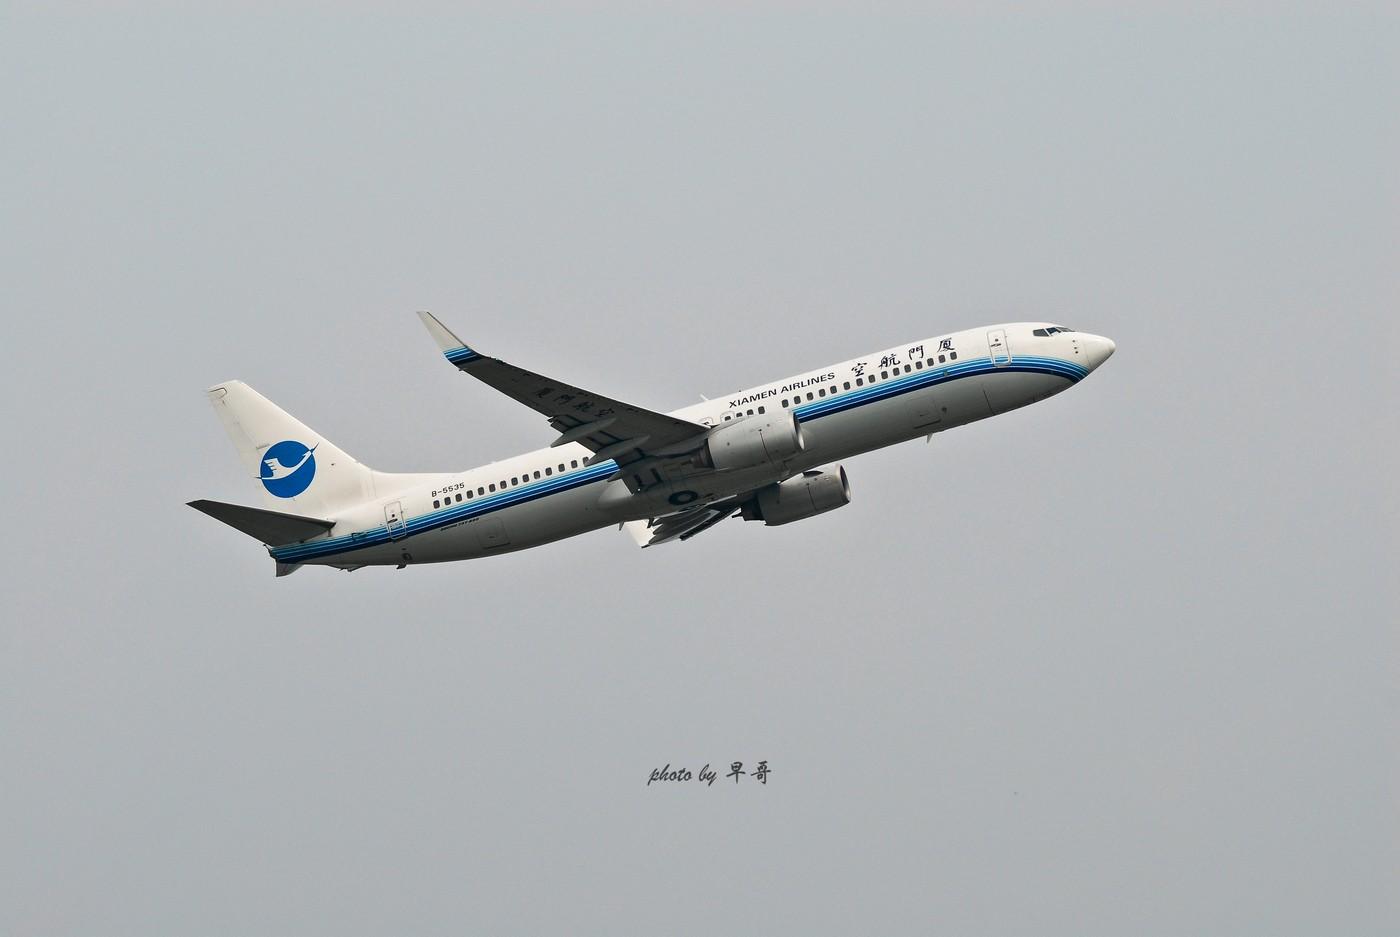 Re:[原创]【CKG打机队】用20跑道的日子,只能拍拍起飞咯! BOEING 737-800 B-5535 中国重庆江北机场